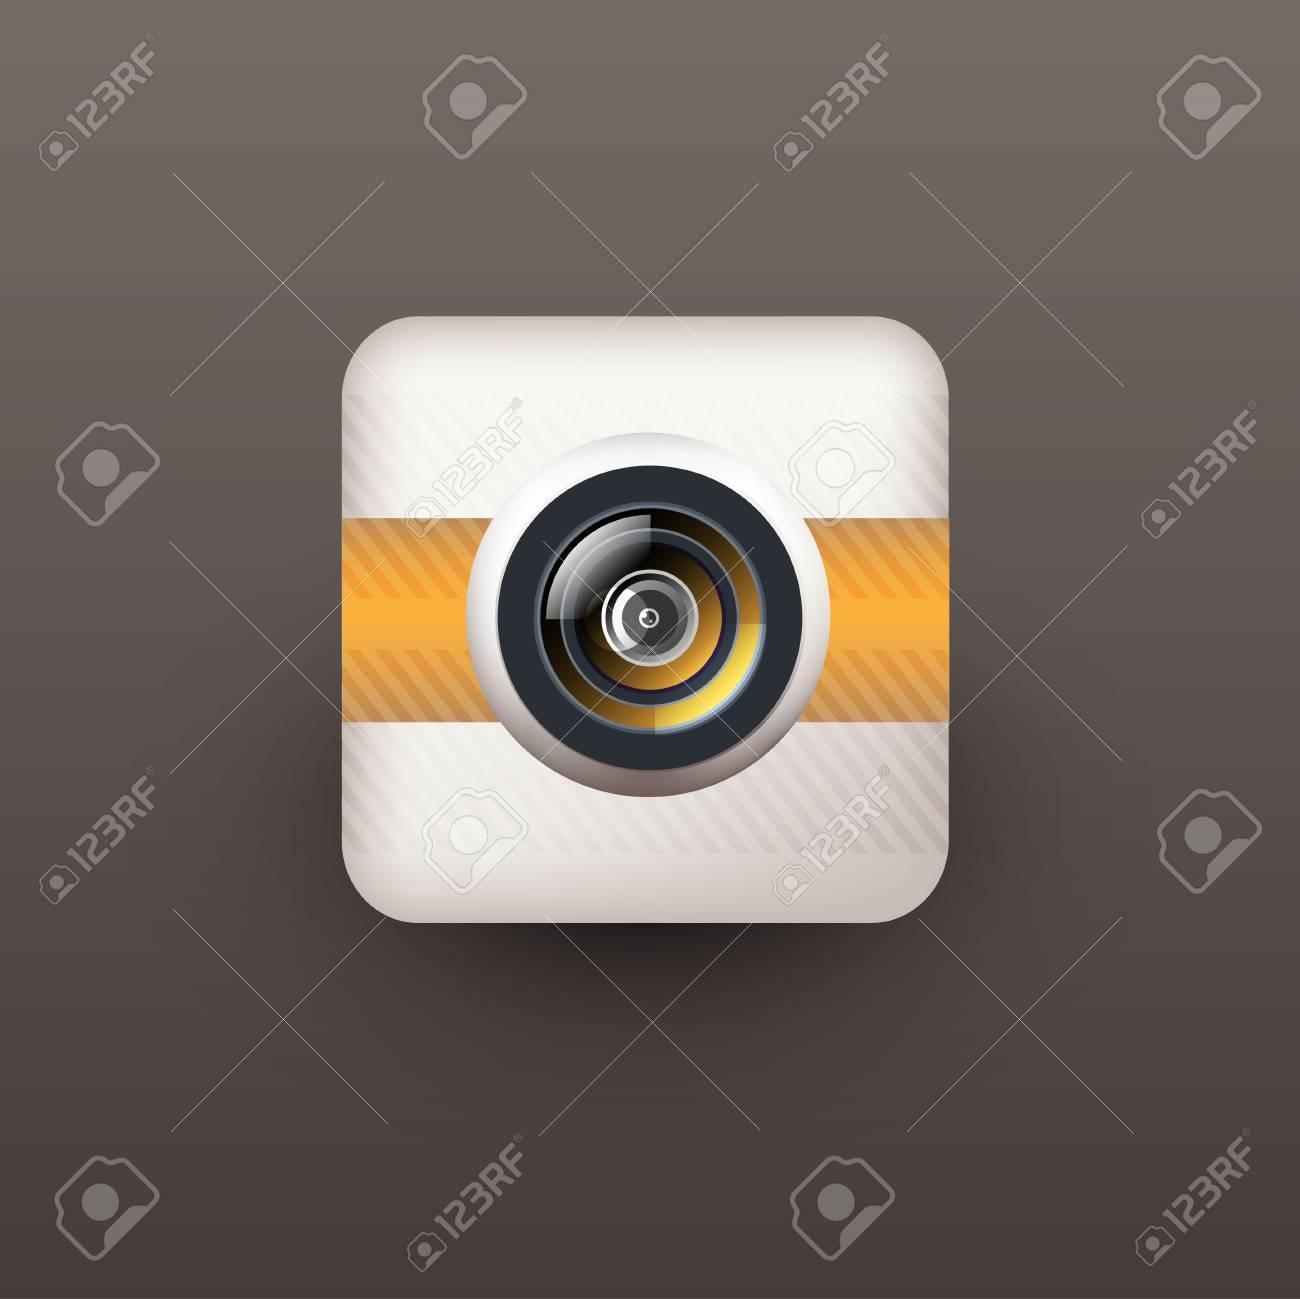 User interface camera lens icon Stock Vector - 21310949